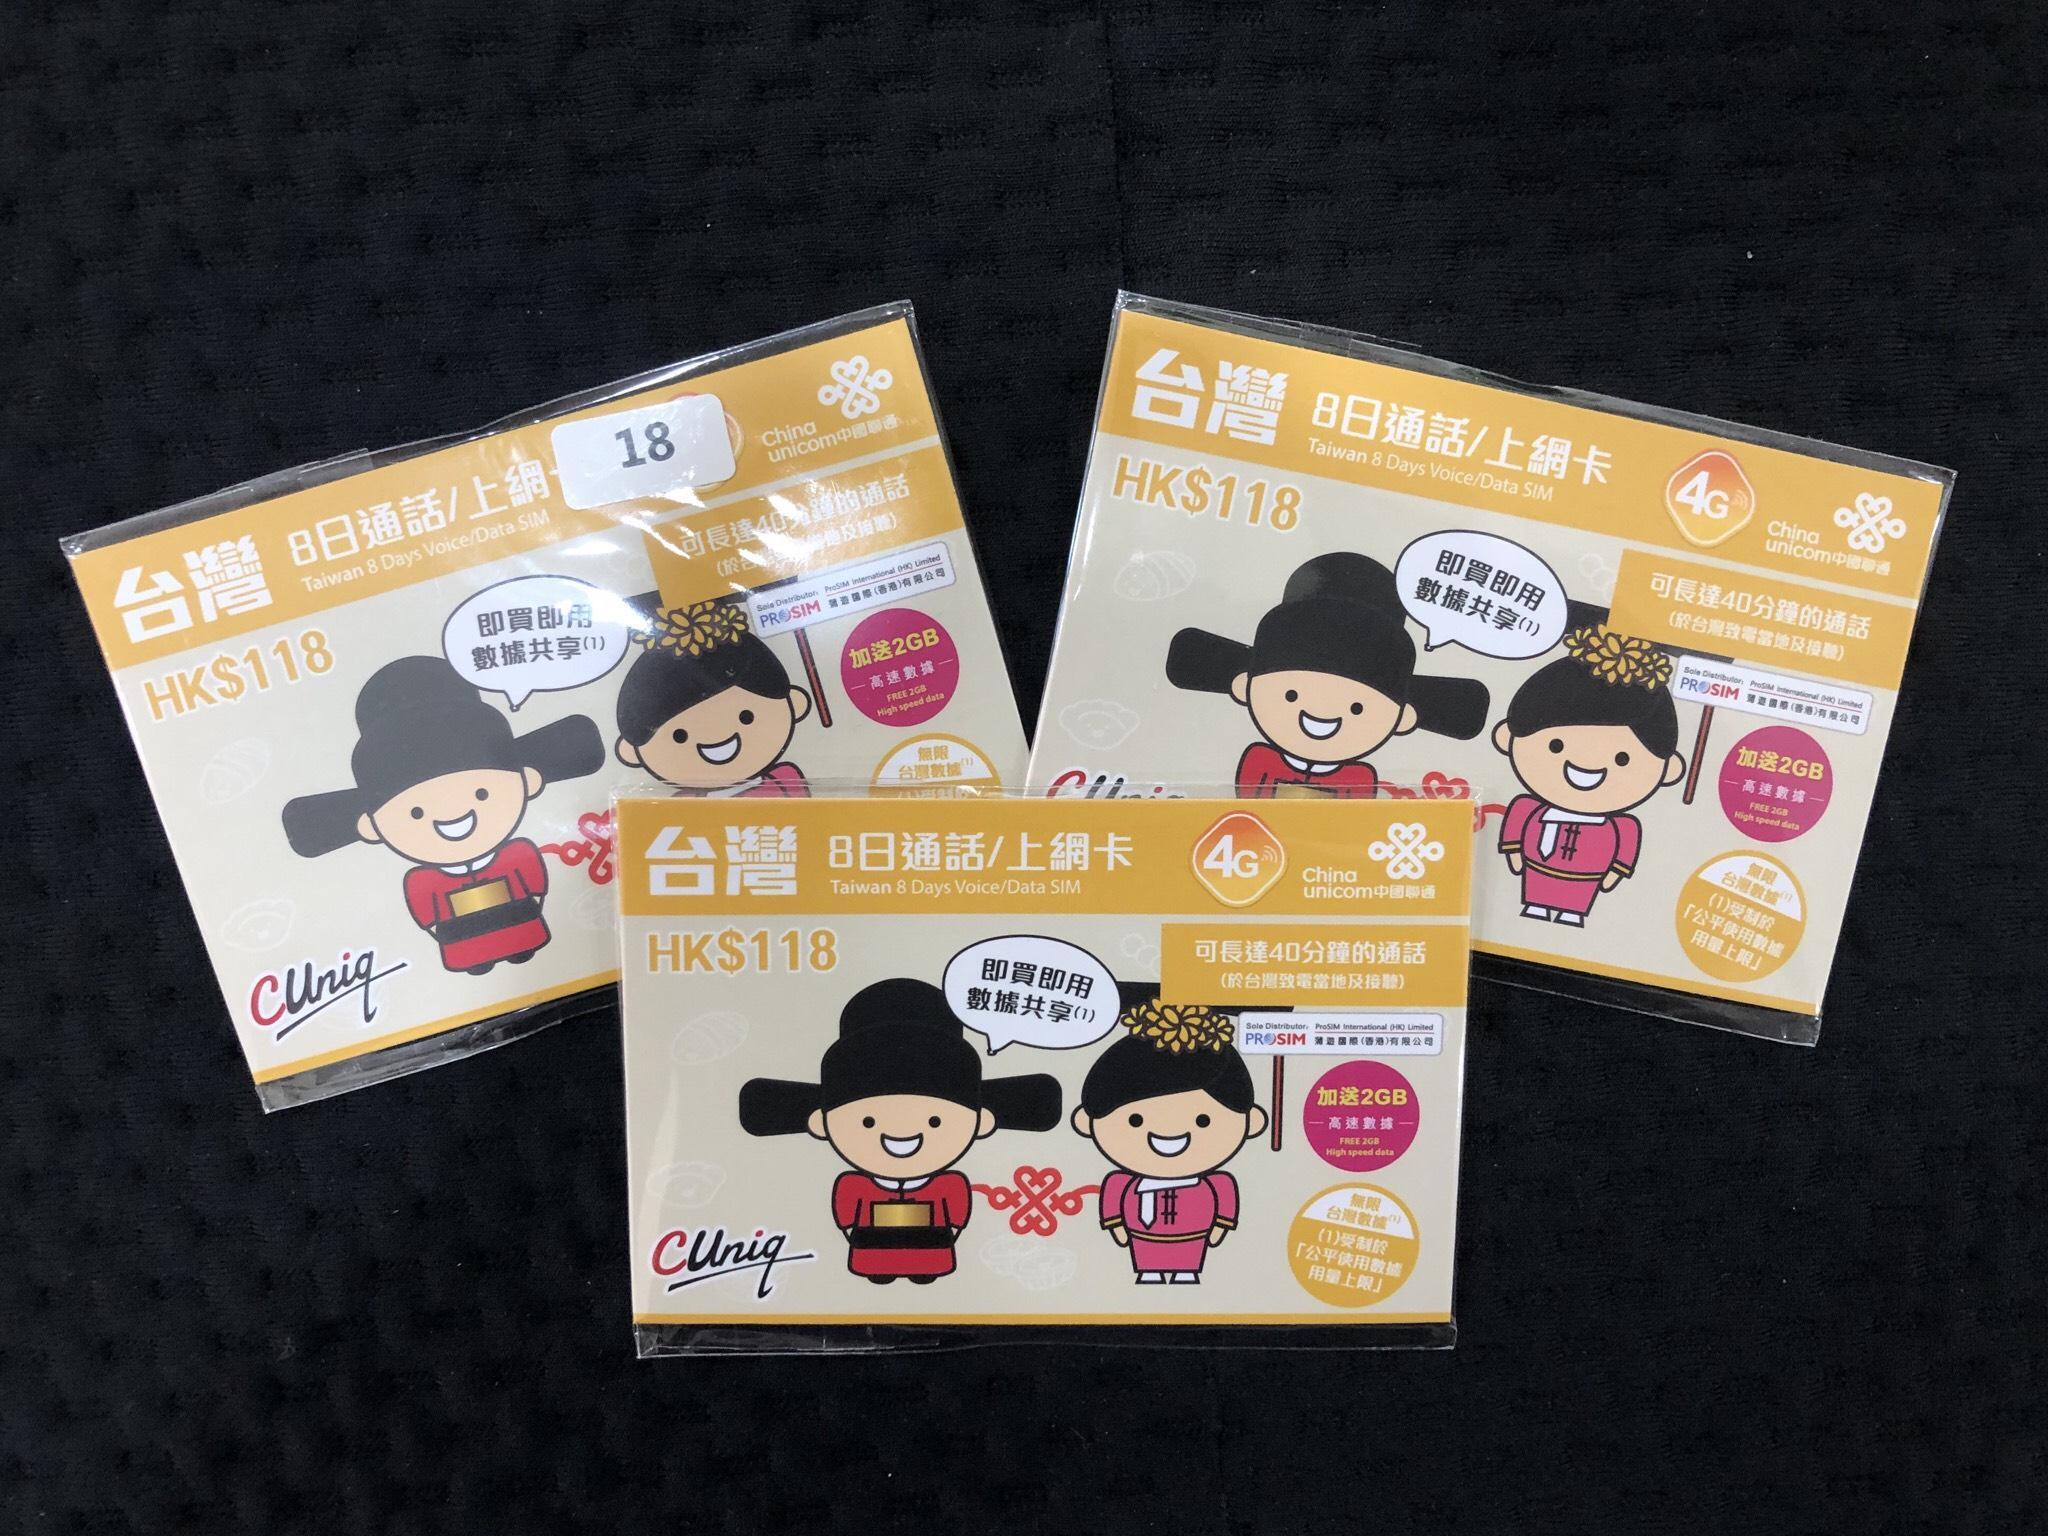 Sim Du Lịch Đài Loan - Không Giới Hạn Internet 8 Ngày, Hỗ trợ Nghe gọi